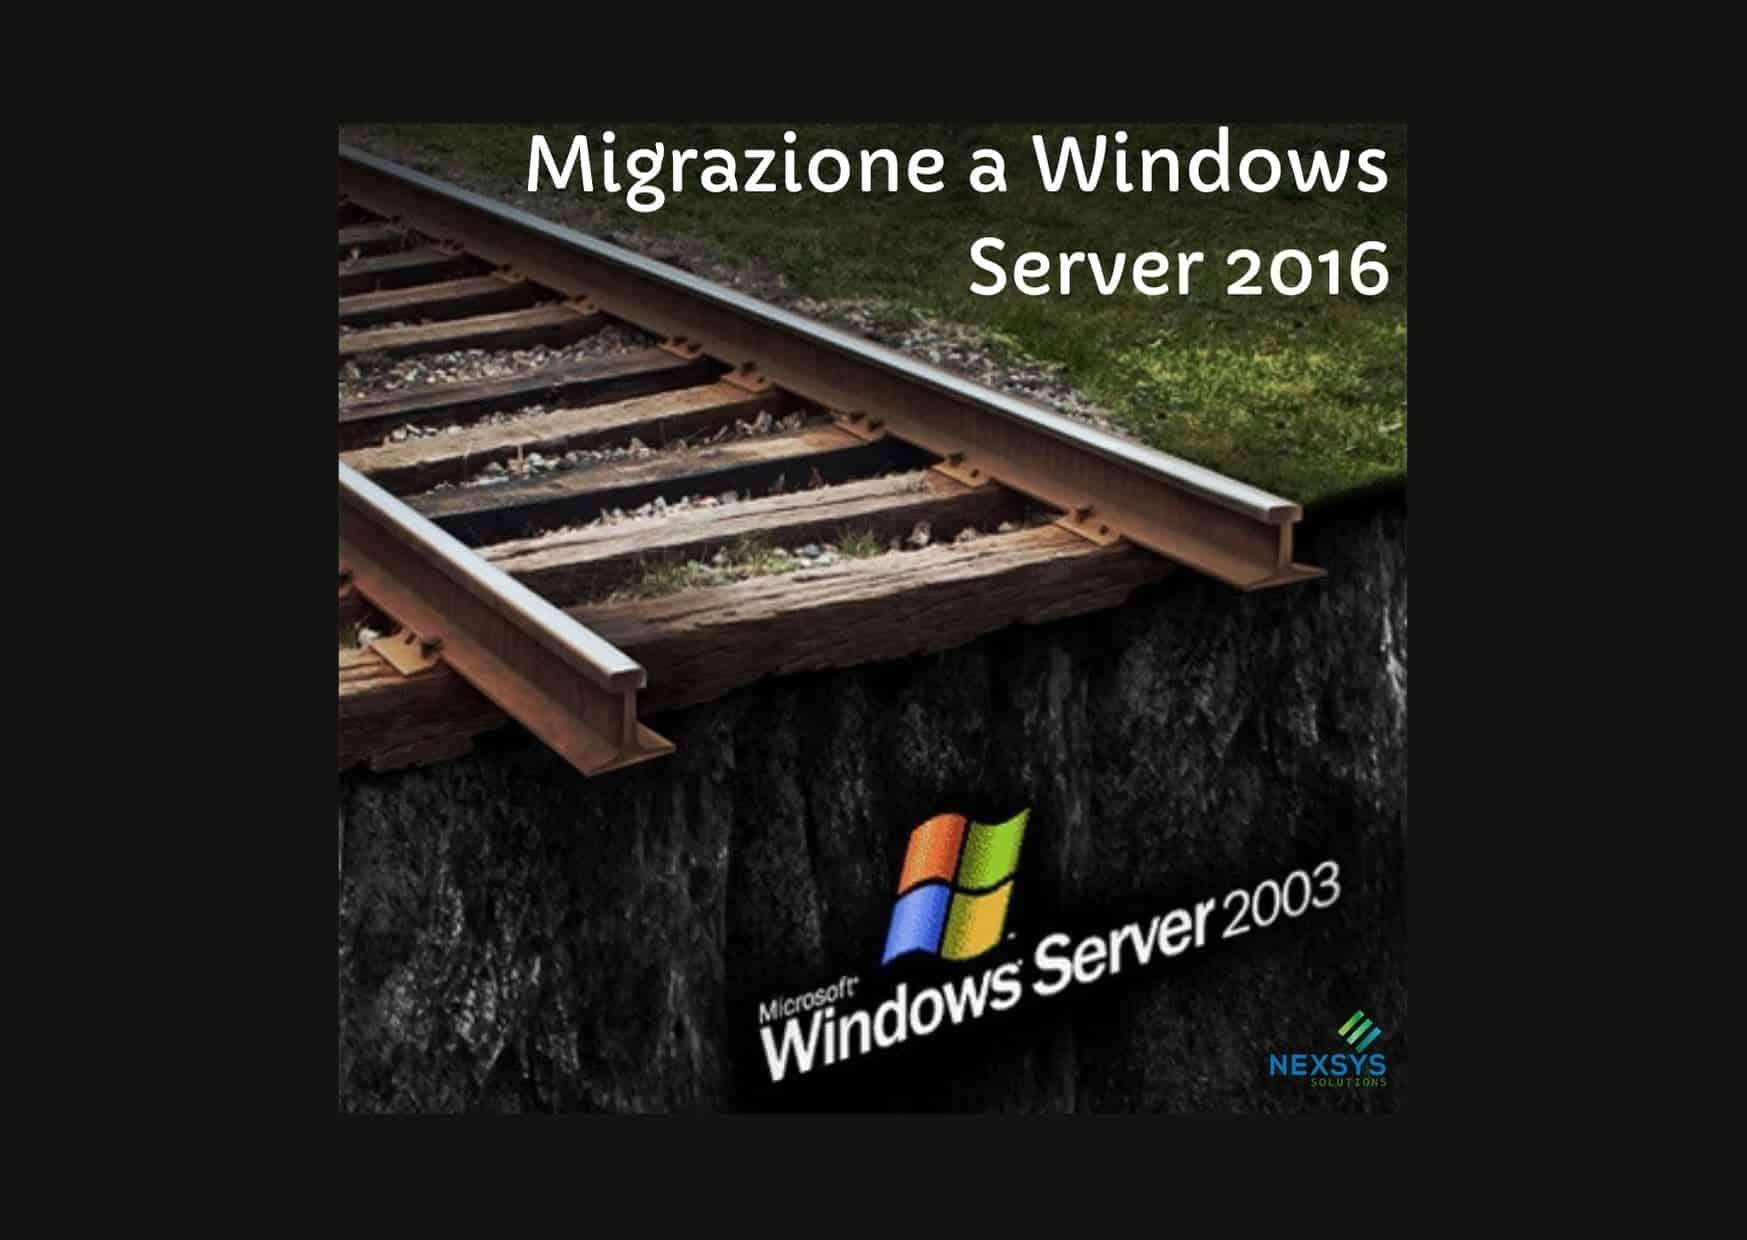 Migrazione Windows Server 2003 a 2016